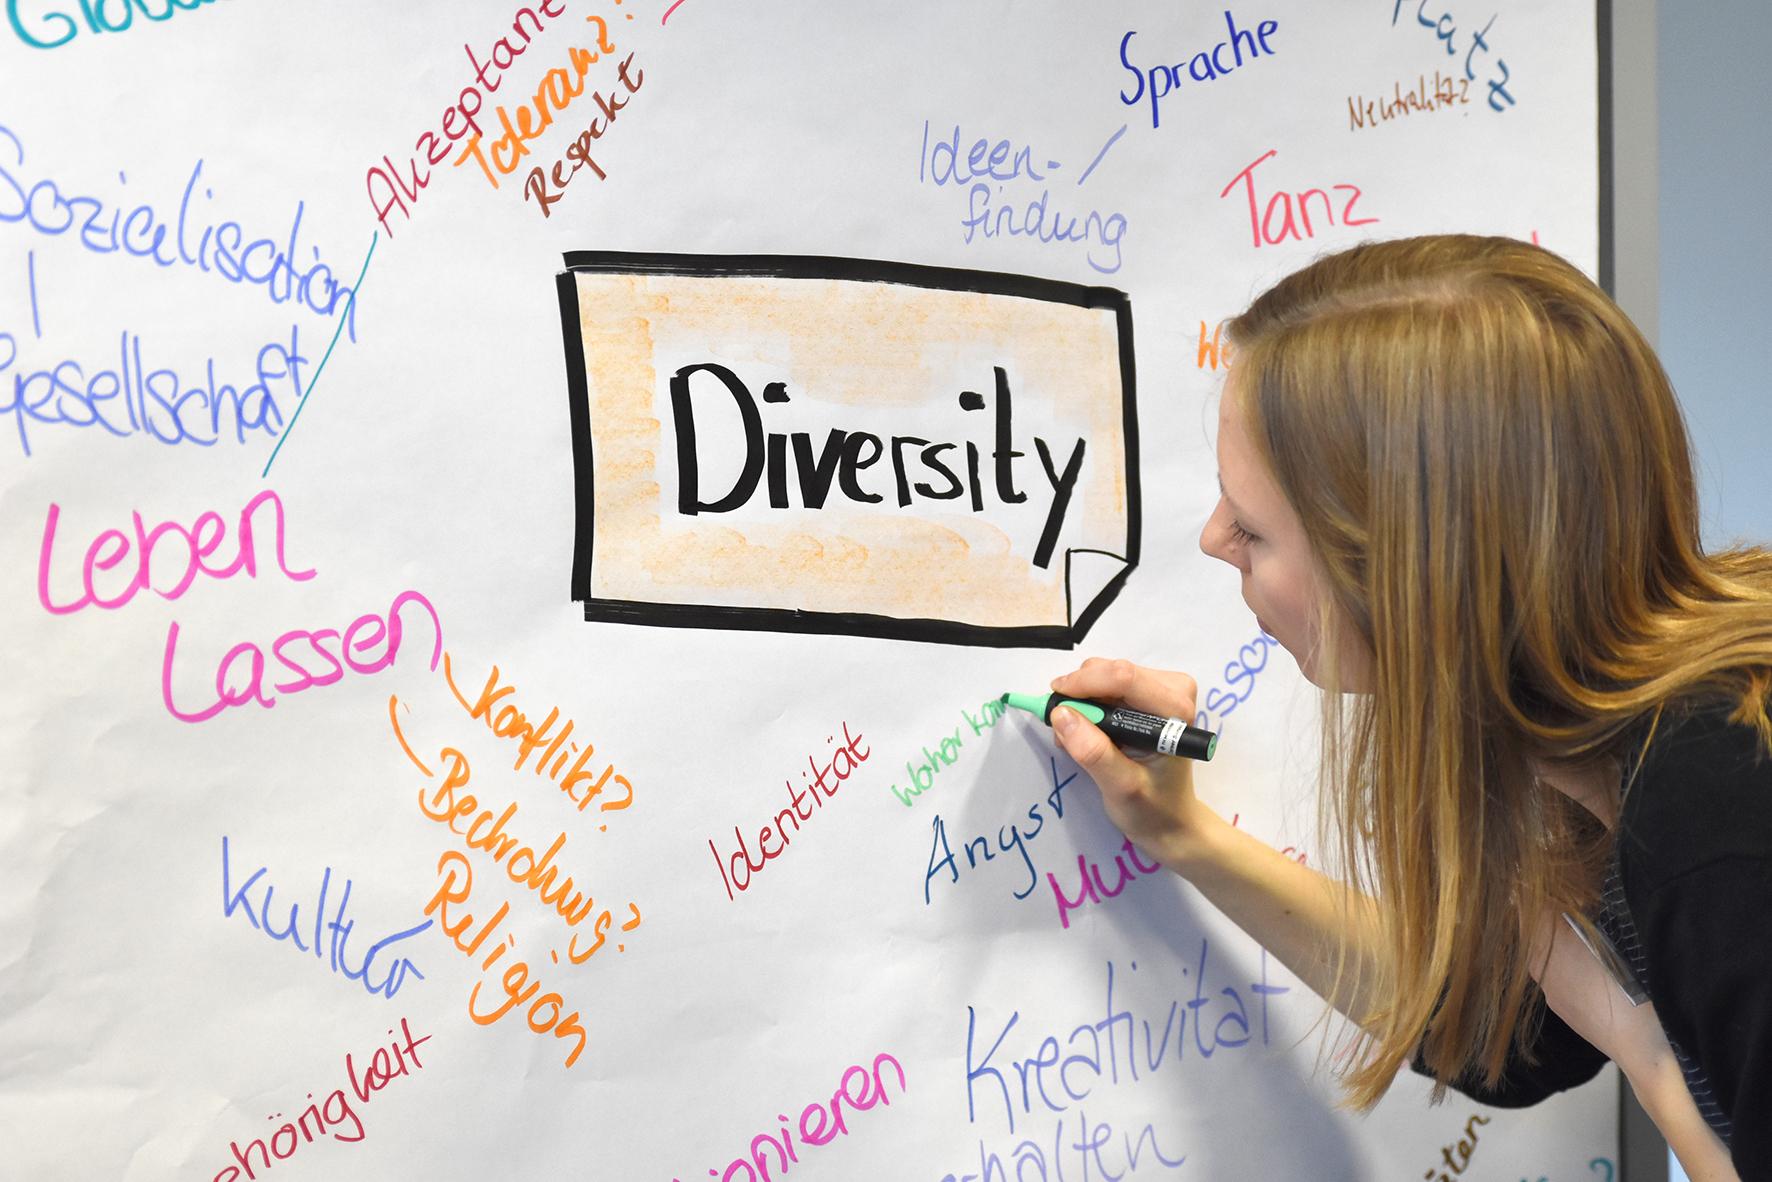 Kursteilnehmerin schreibt etwas an die Flipchart; dort stehen diverse Stichpunkte rund um Diversity.